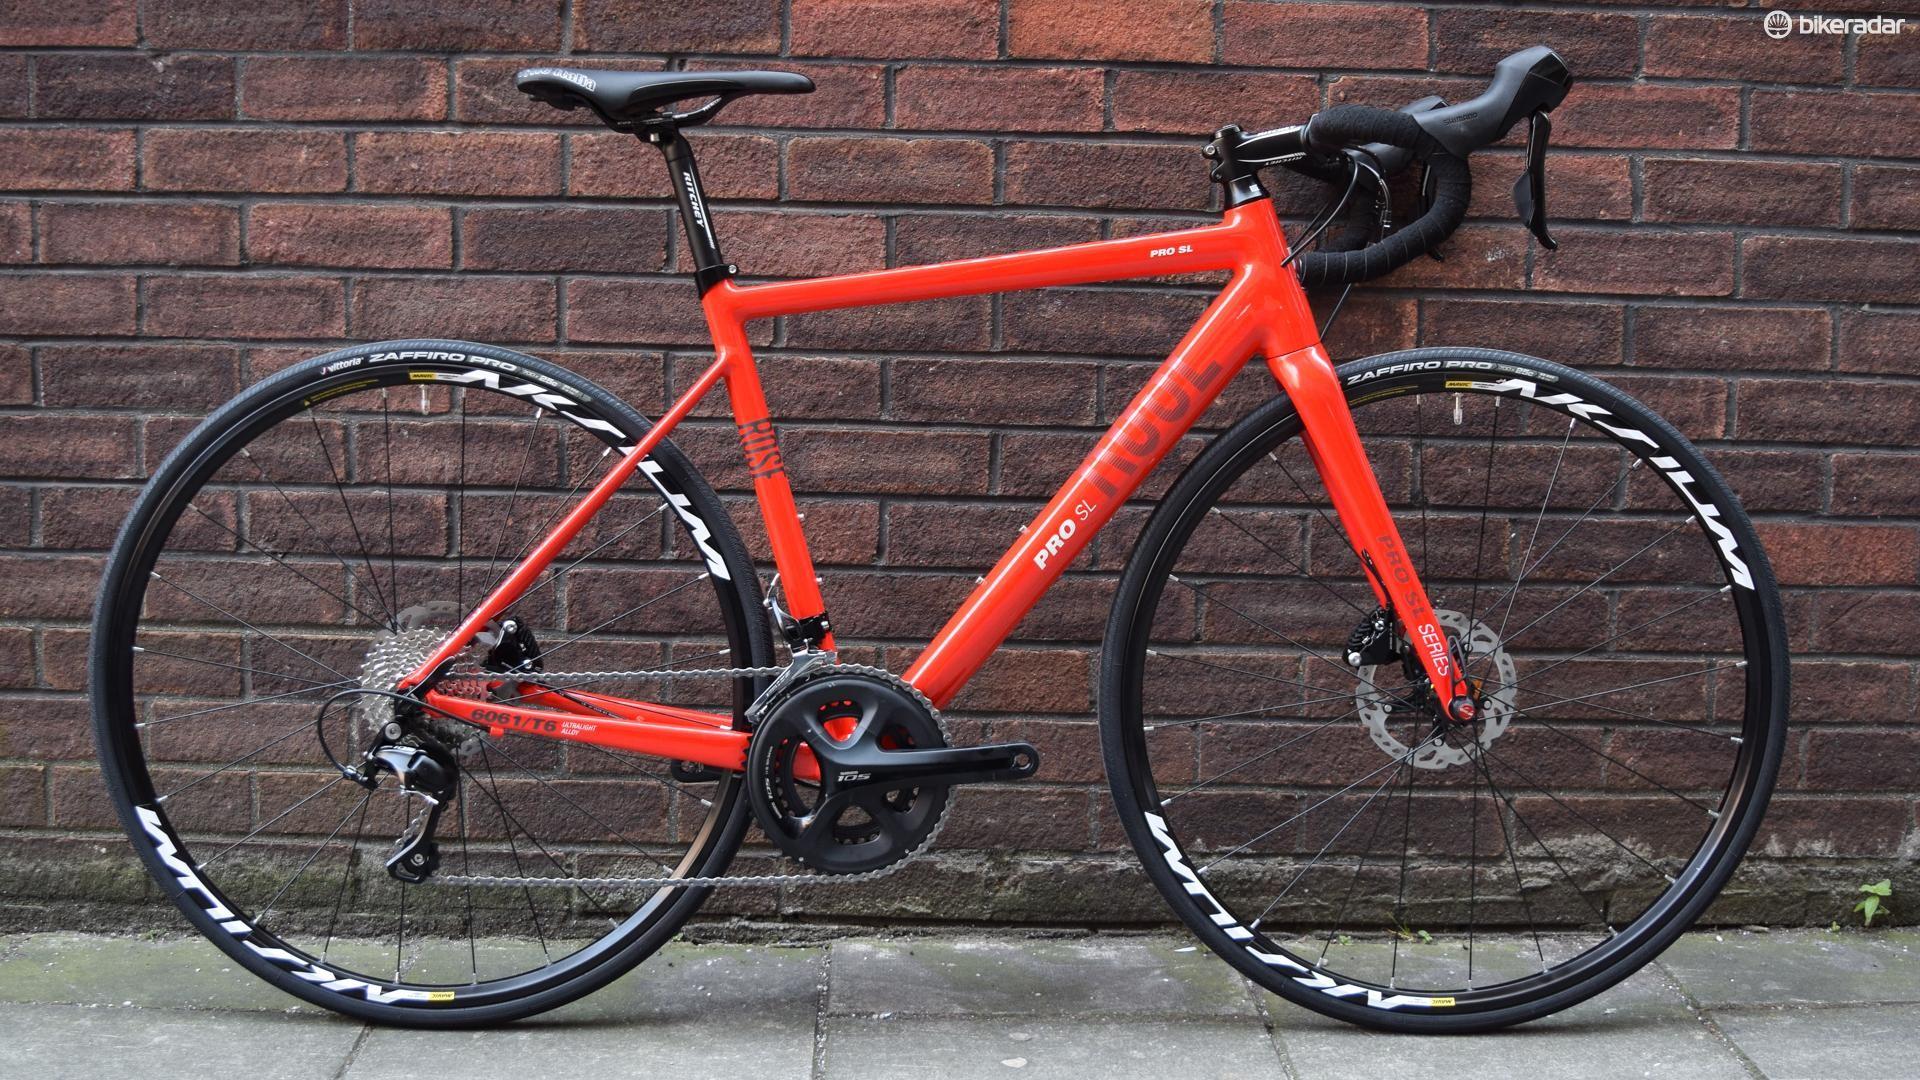 Lovely bike, not-so-lovely levers